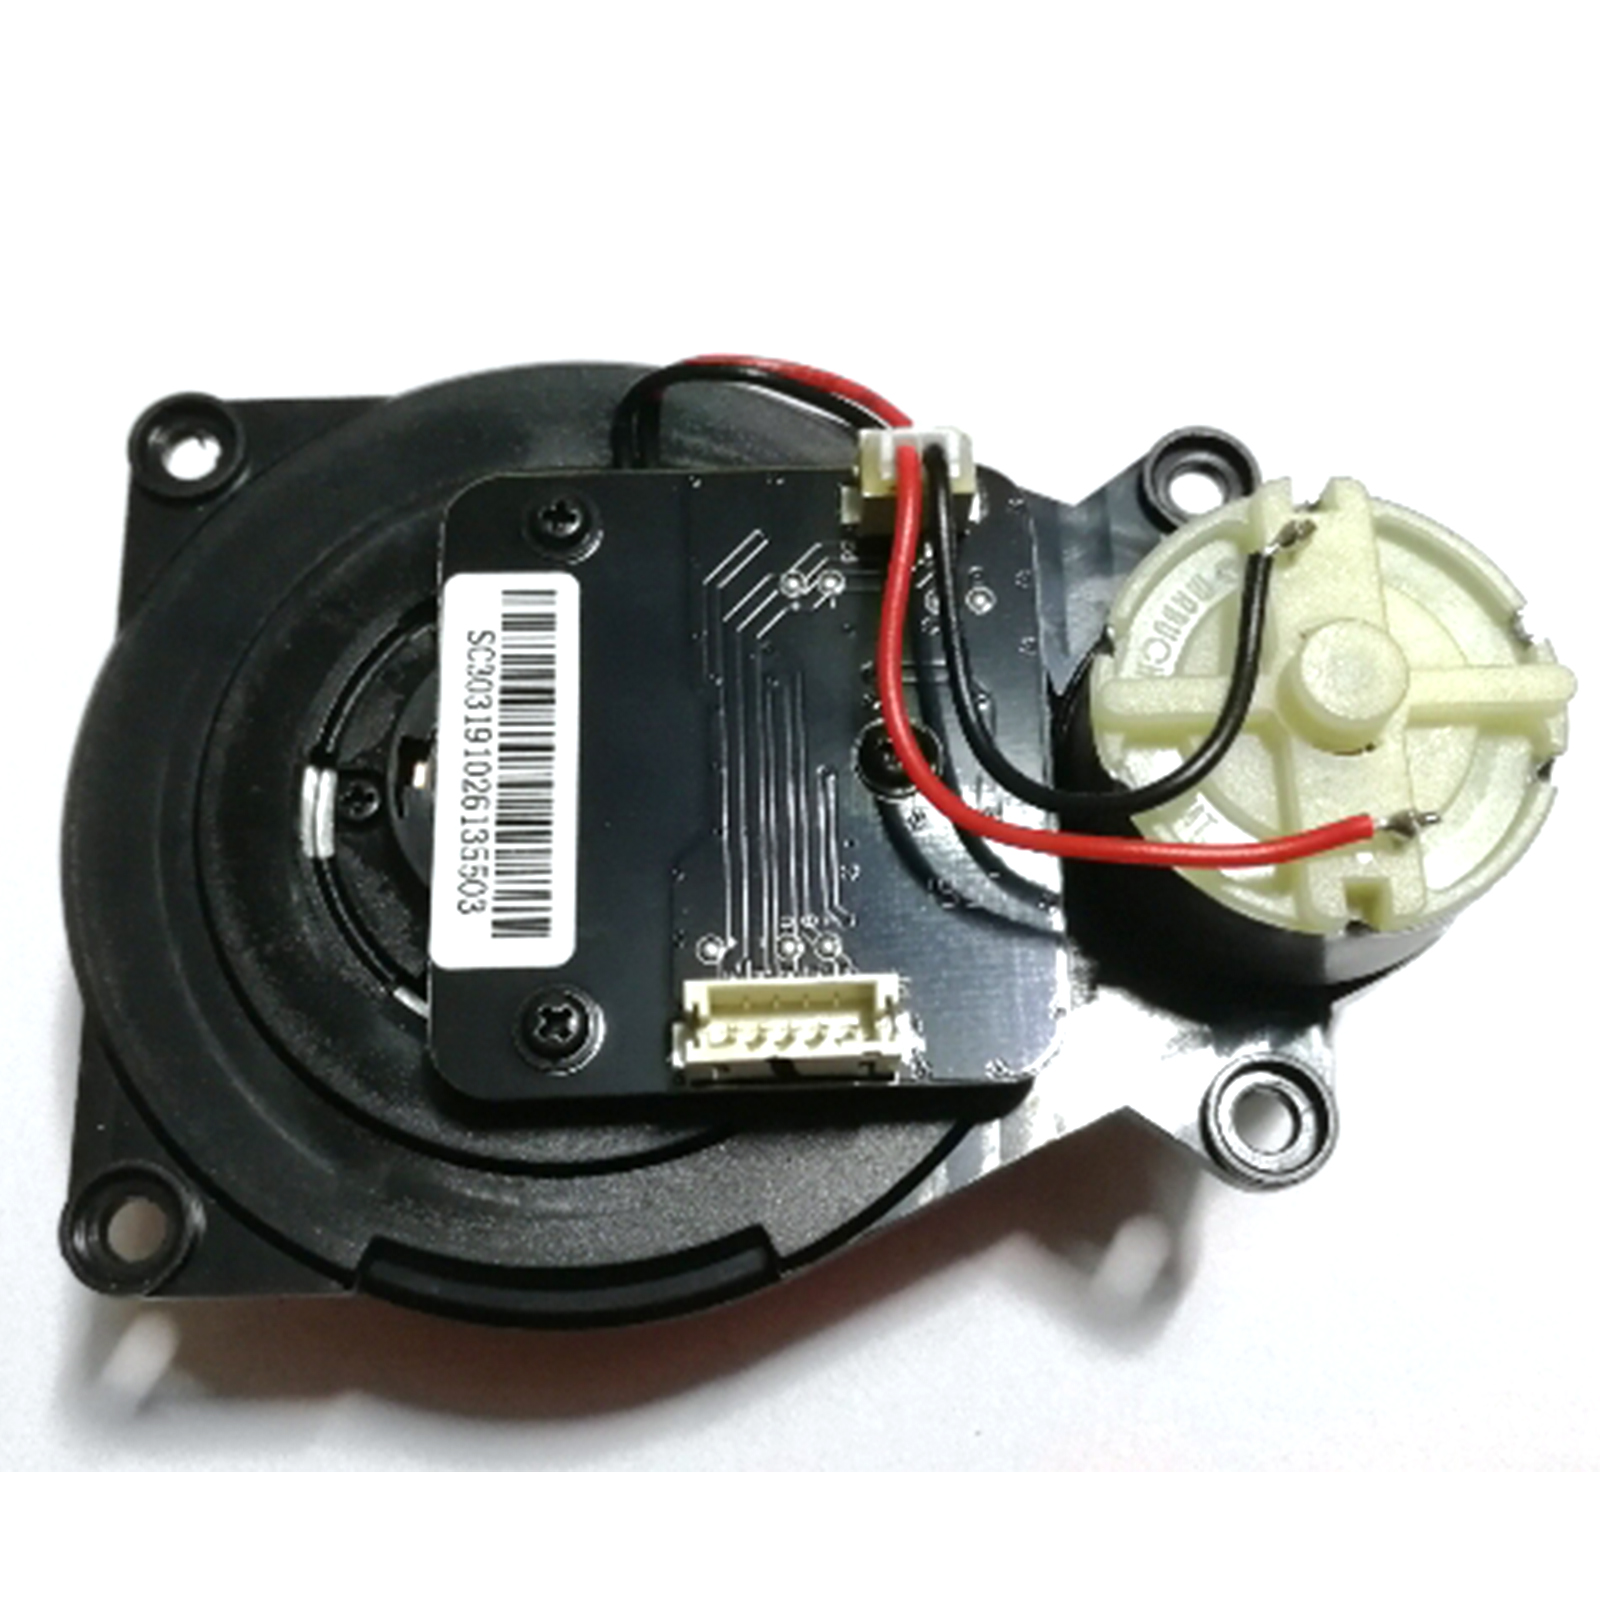 Profissional robô aspirador de pó lds sensor cabeça do laser para xiaomi varrendo esfregar robô aspirador de pó styj02ym - 5